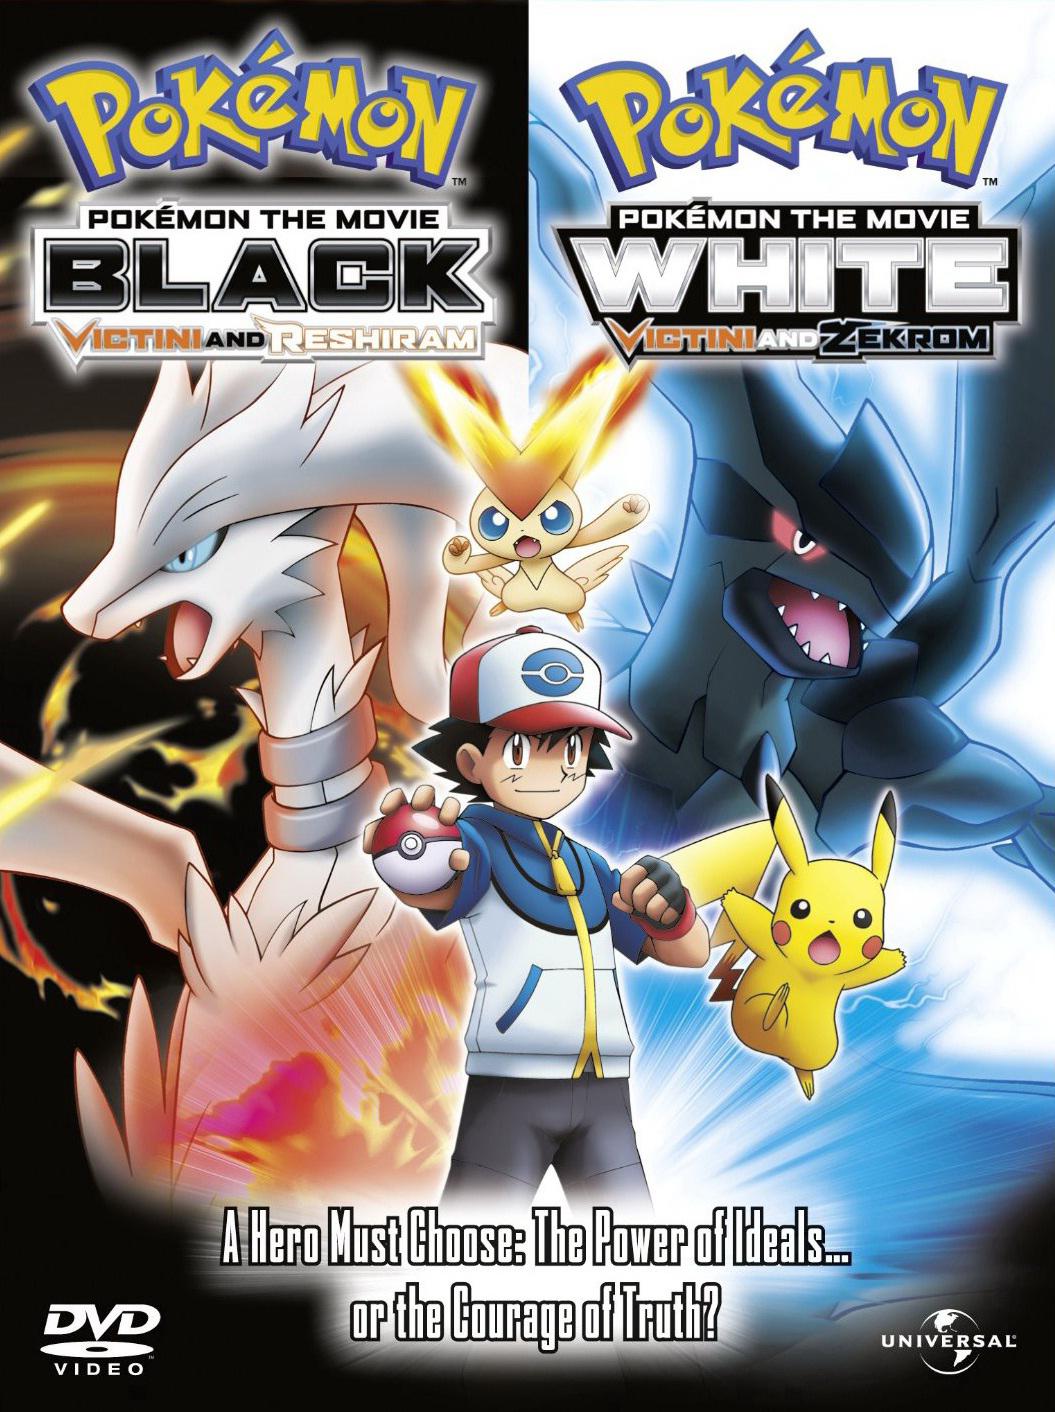 Ver Película Pokemon 14 : Victini y el Heroe Blanco Reshiram (2011)